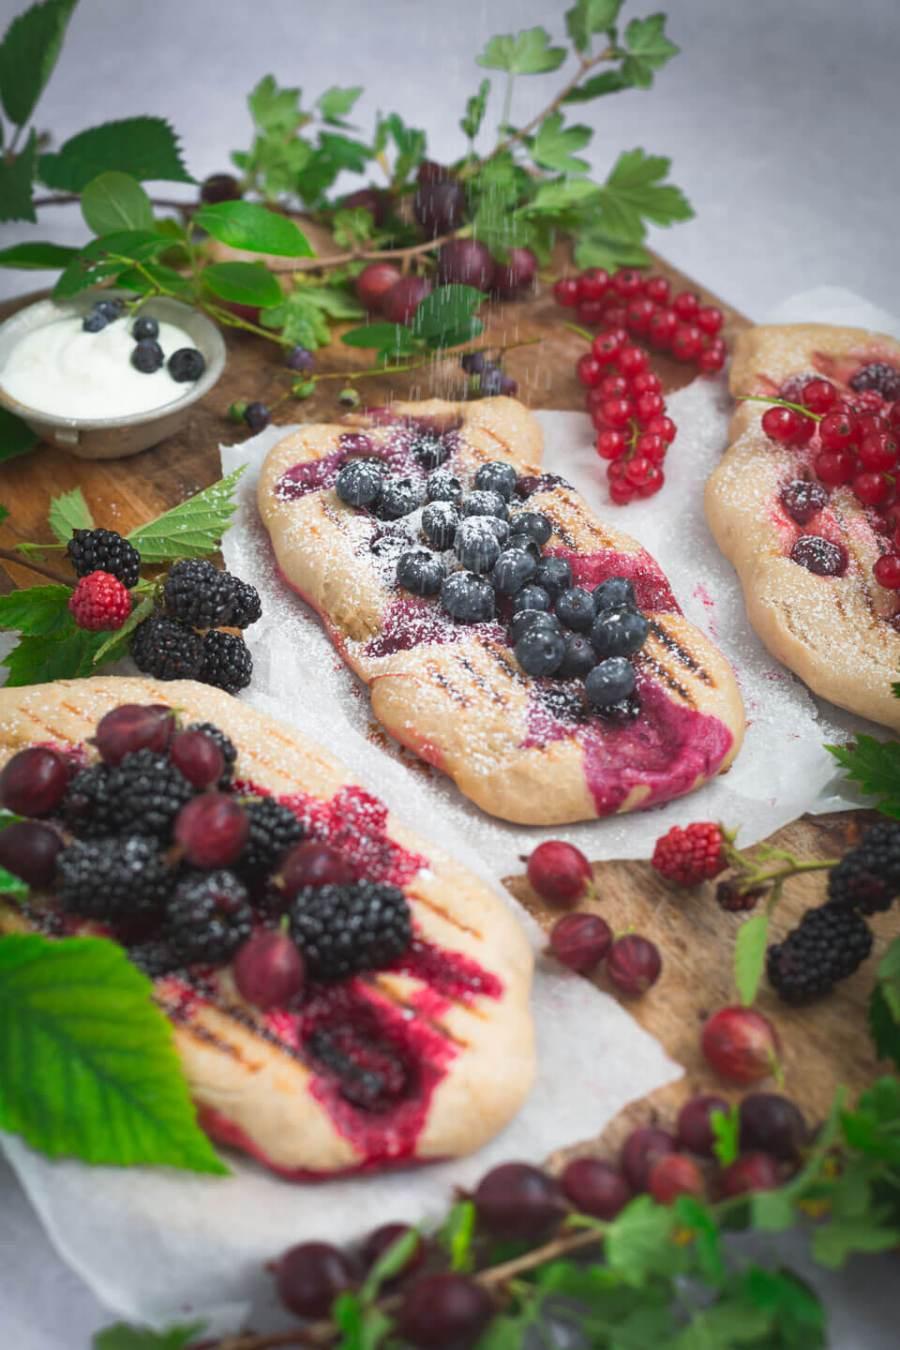 Süßes Grillbrot mit Beeren